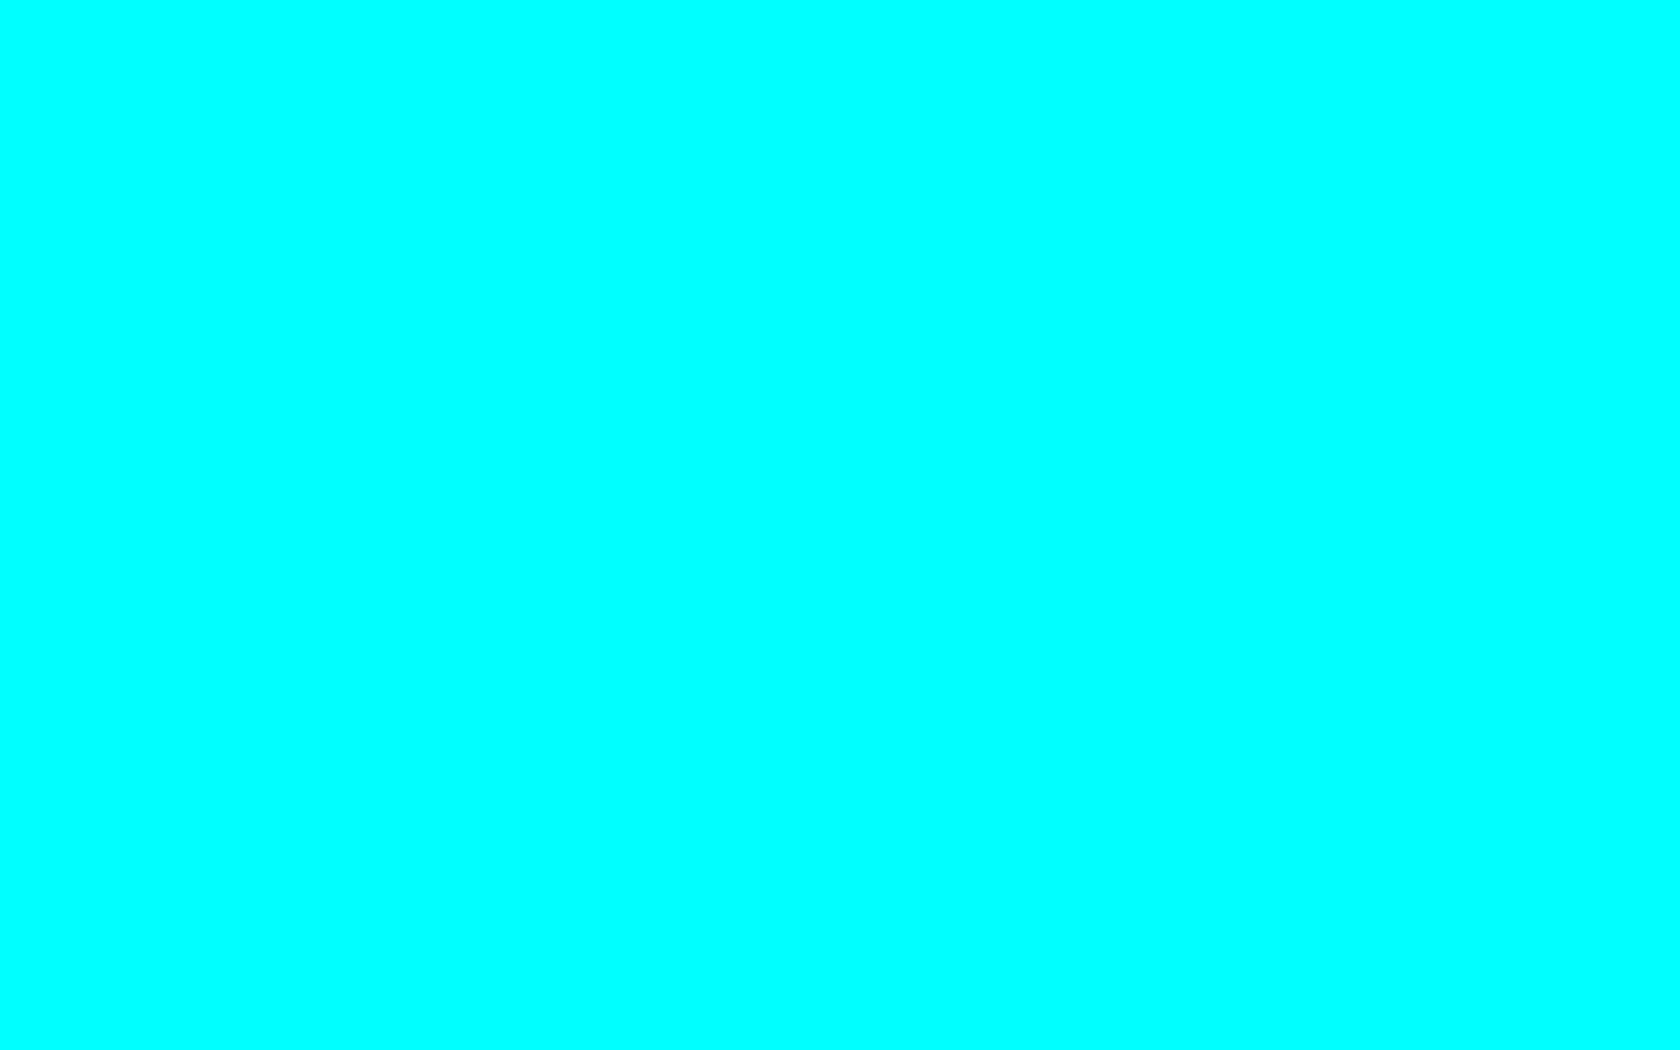 1680x1050 Aqua Solid Color Background